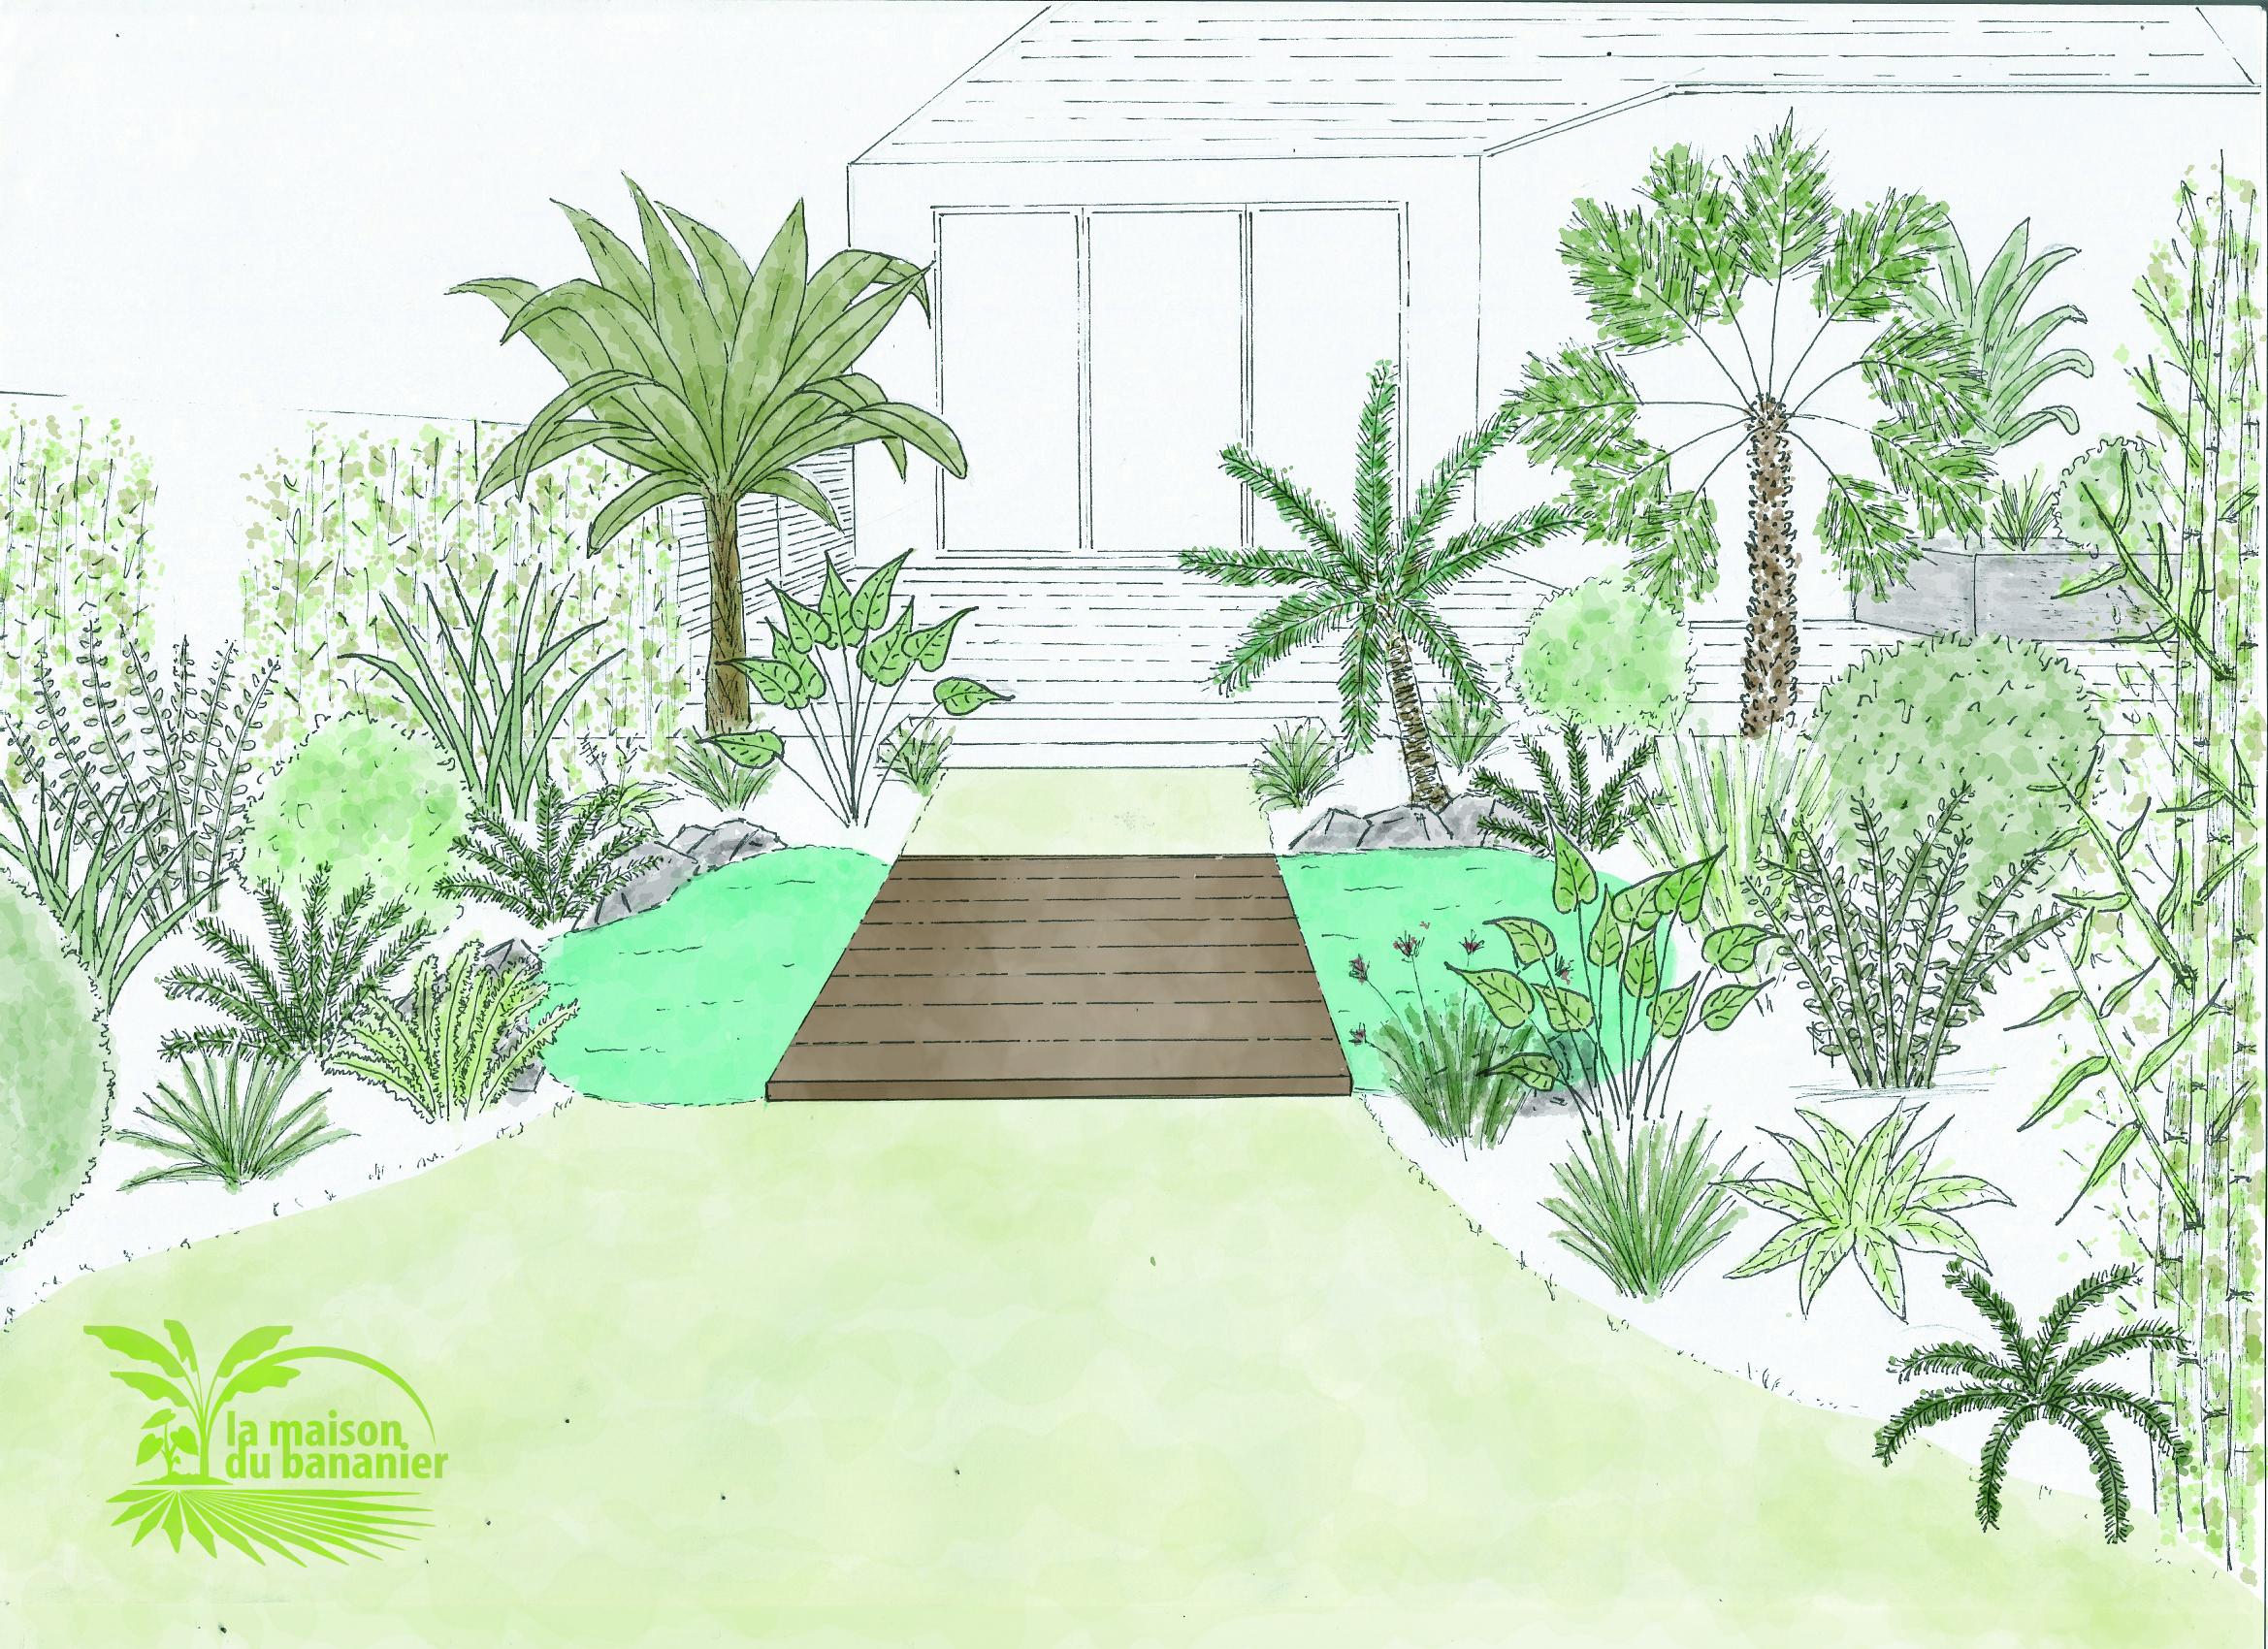 Creation De Jardins Pepiniere Ecologique La Maison Du Bananier